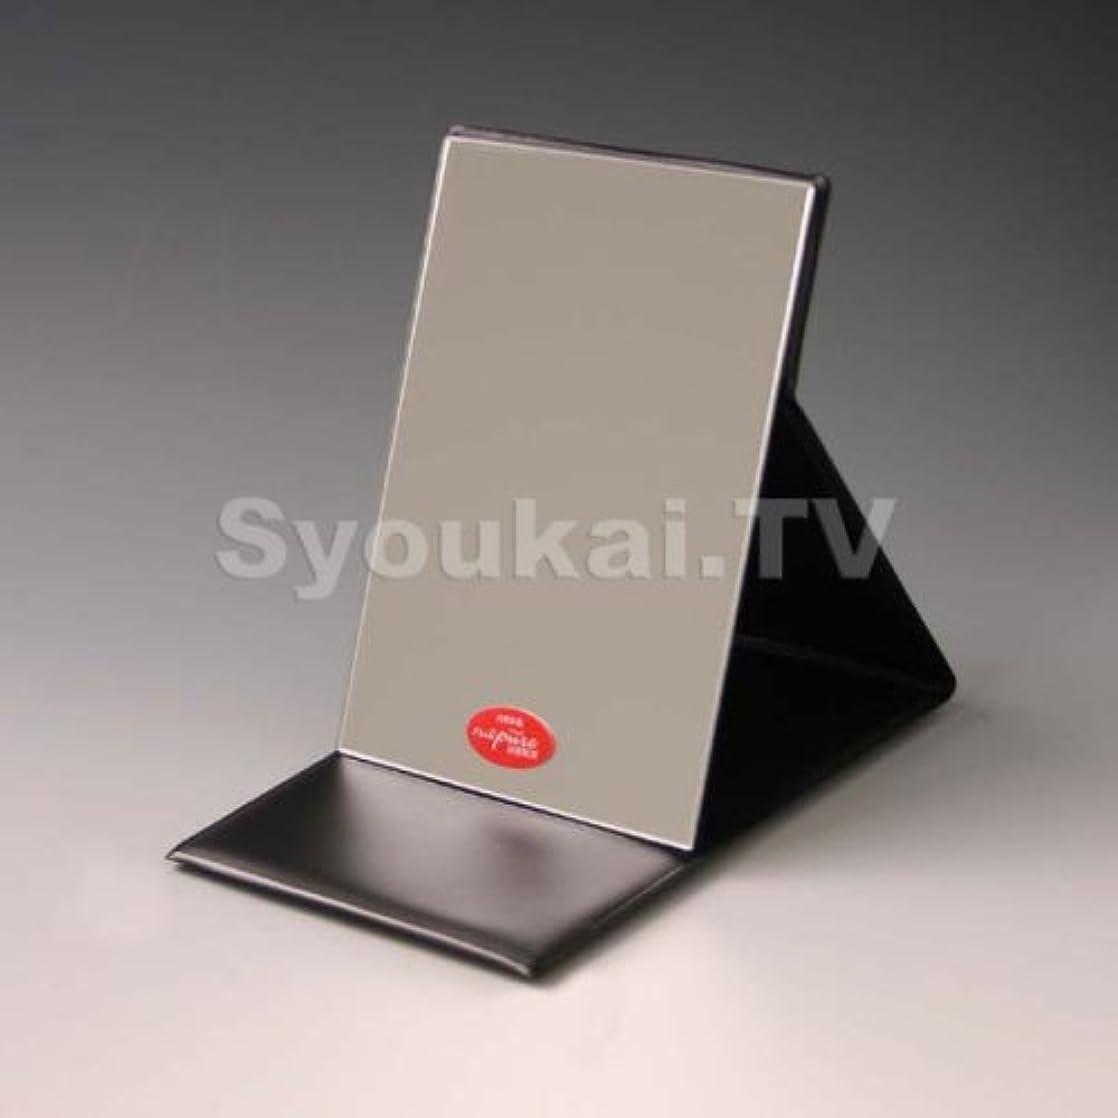 生じるアカデミック香水スタンドミラー 鏡 卓上ミラー メイク 拡大鏡 2倍付き 拡大ミラー 折立ミラー M HP-42 角型 ナピュアミラー プロモデル 堀内鏡工業